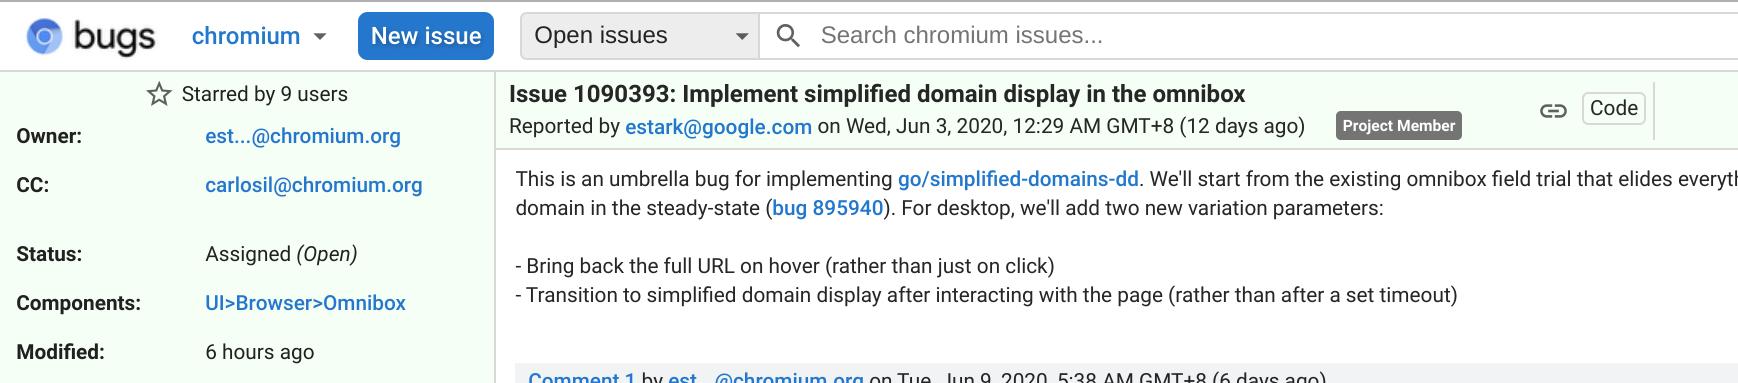 除了域名,Chrome 或将隐藏整个 URL 地址插图_小T博客